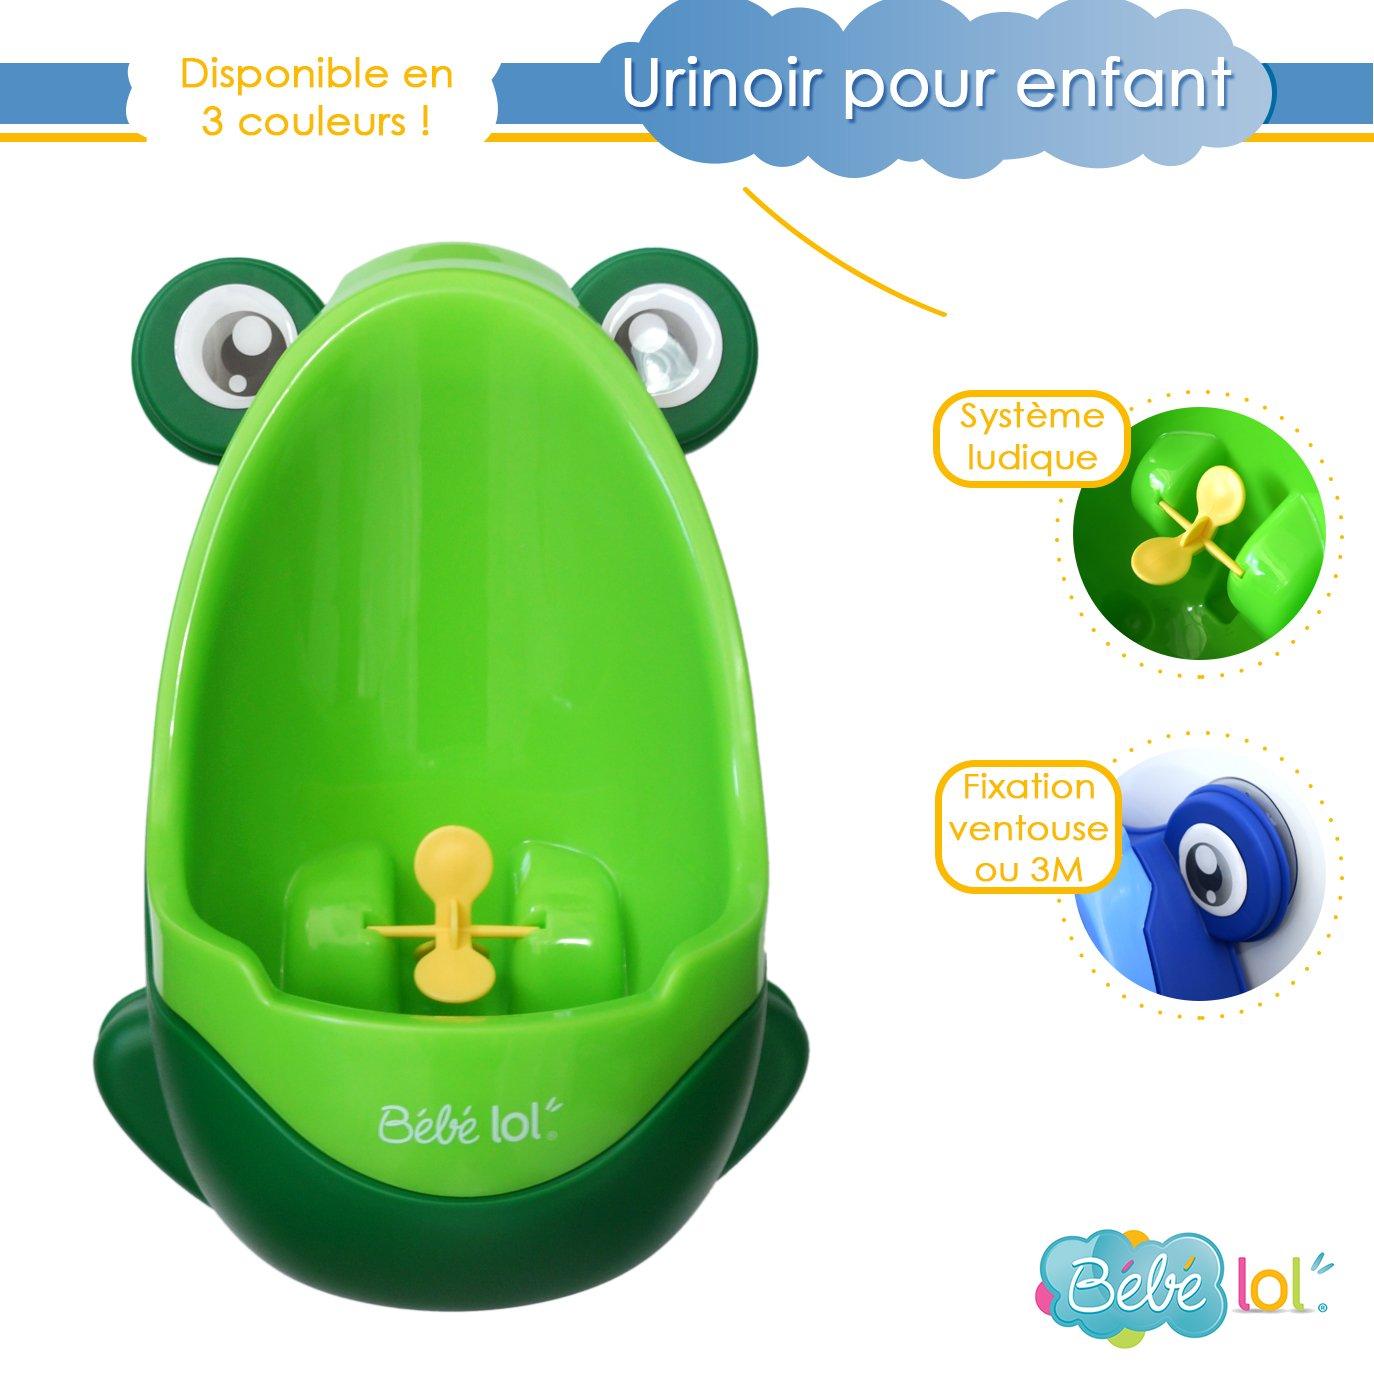 Pot urinoir b/éb/é pour enfant B/éb/élol/® en forme de grenouille aux couleurs vives Coloris au Choix orange vert